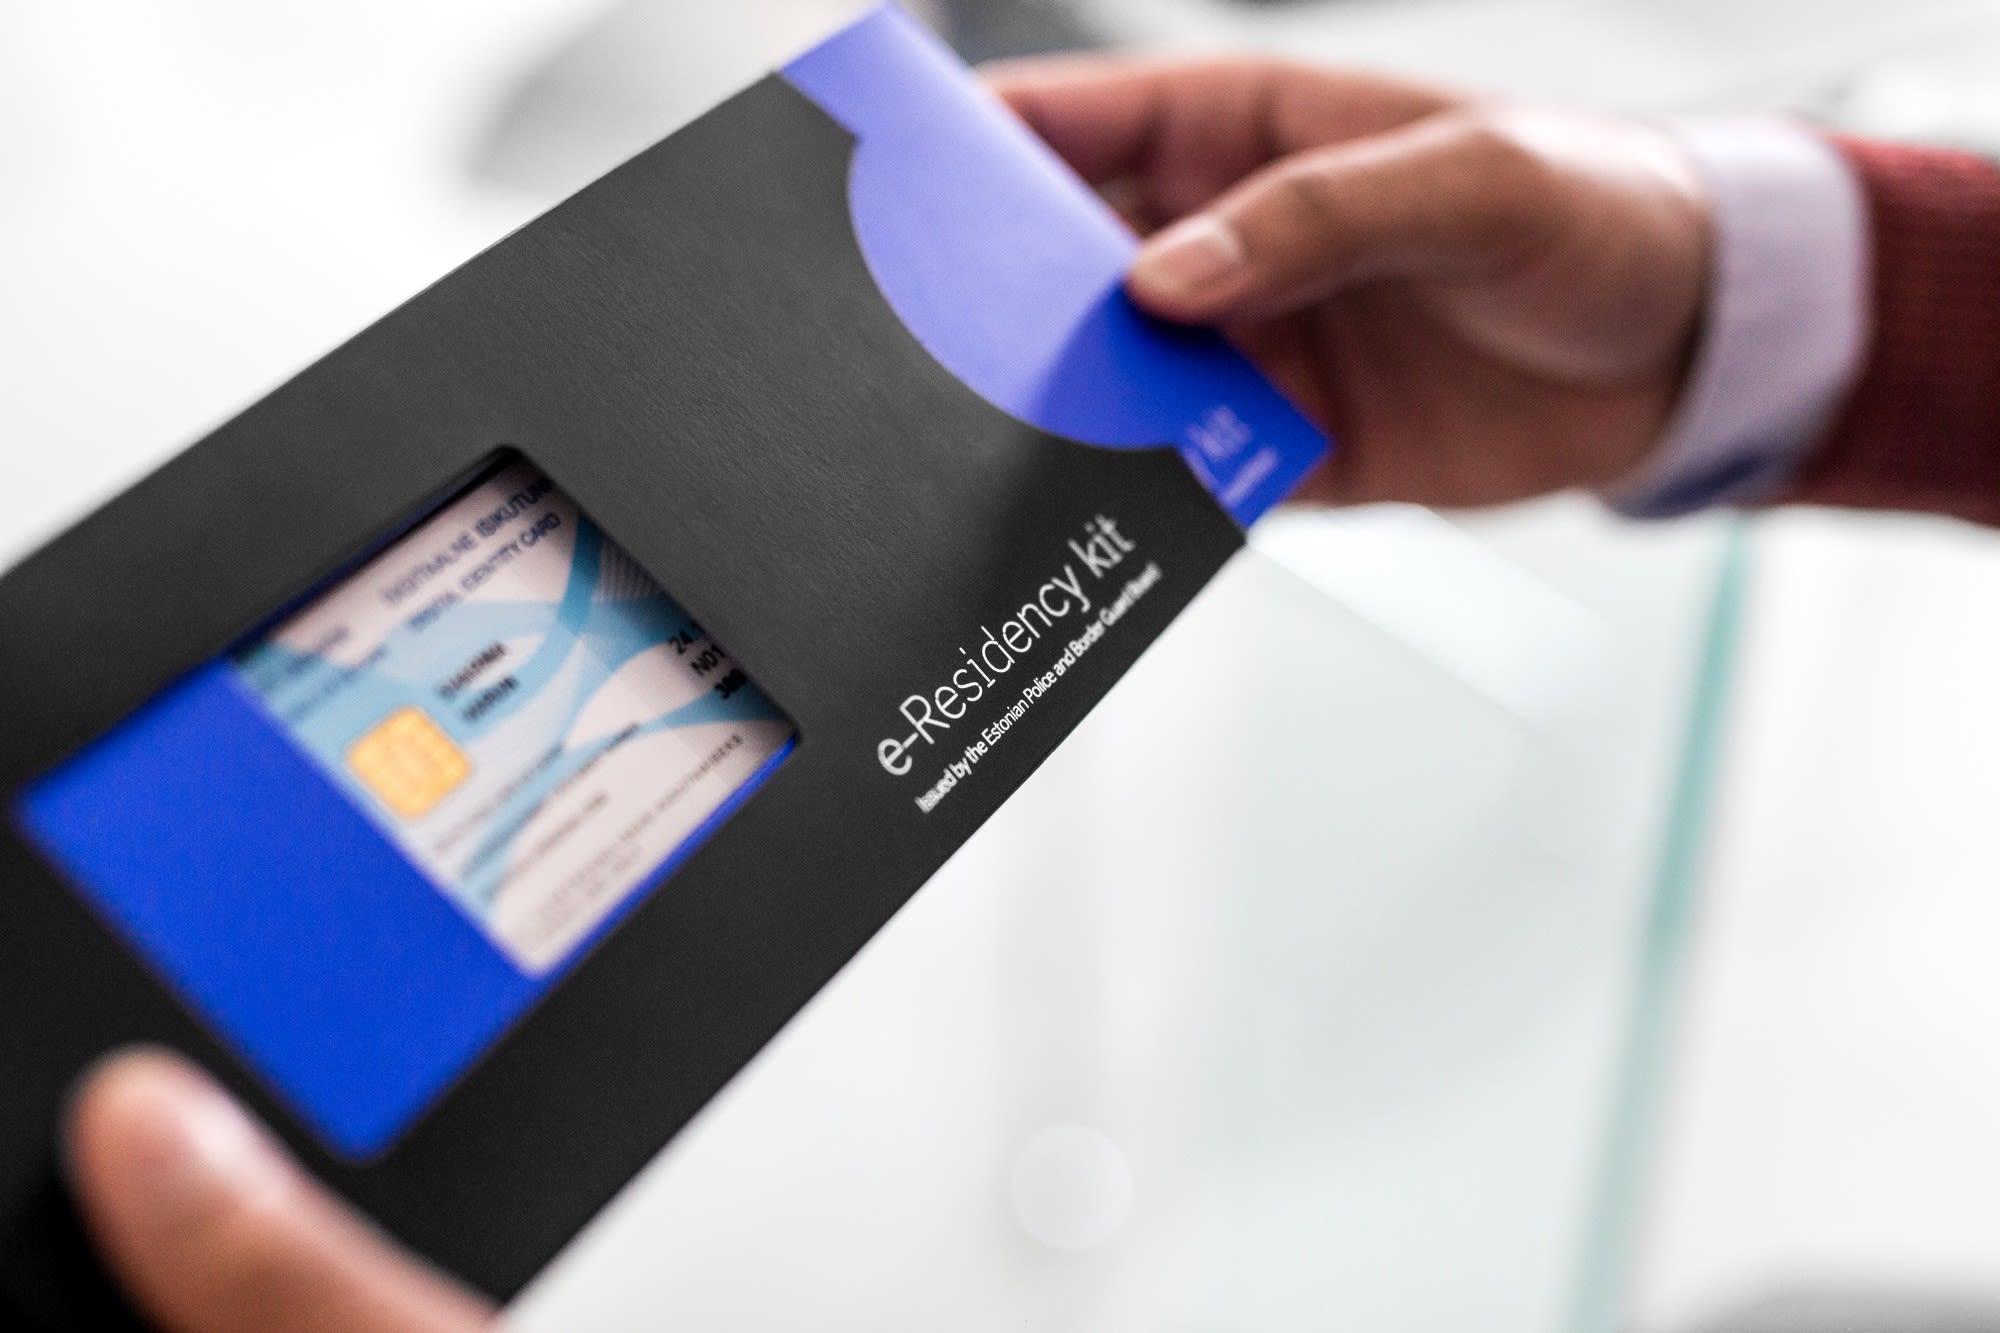 Доступ к европейскому Амазон и PayPal через электронное гражданство Эстонии